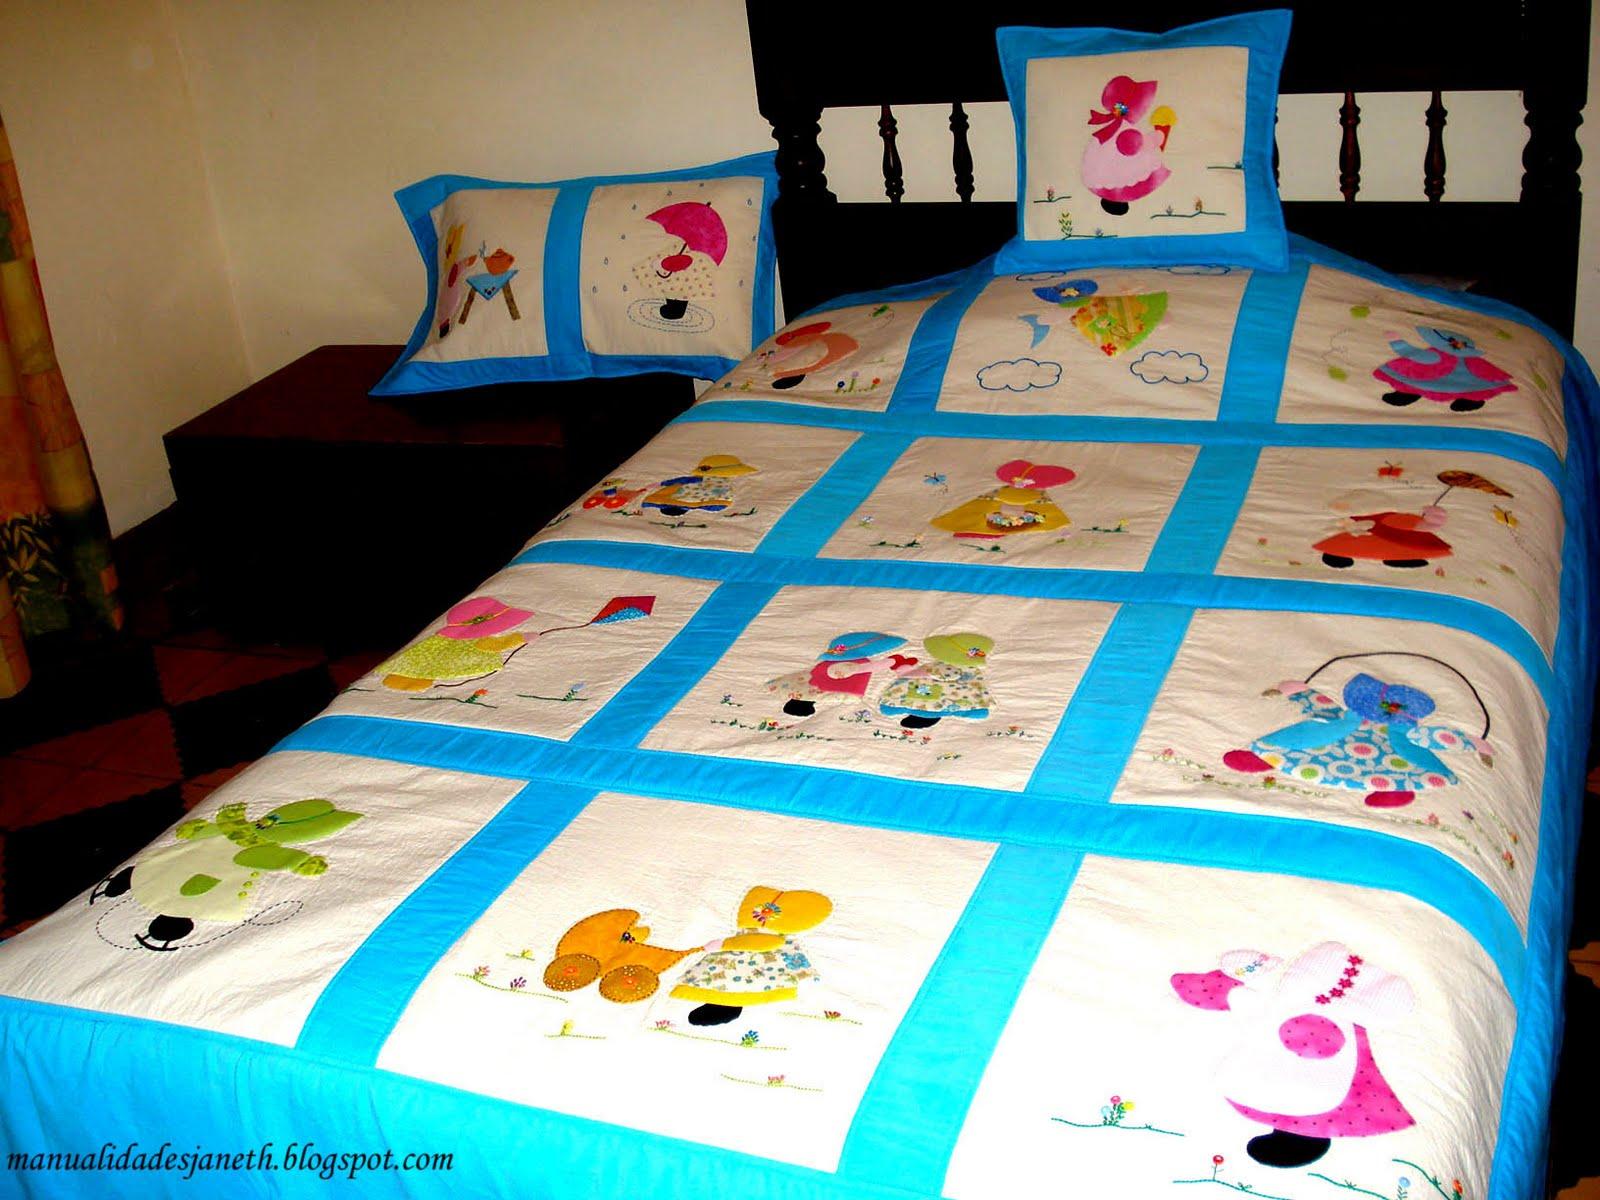 Manualidades janeth mu ecas de tela - Dibujos para cabeceros de cama ...